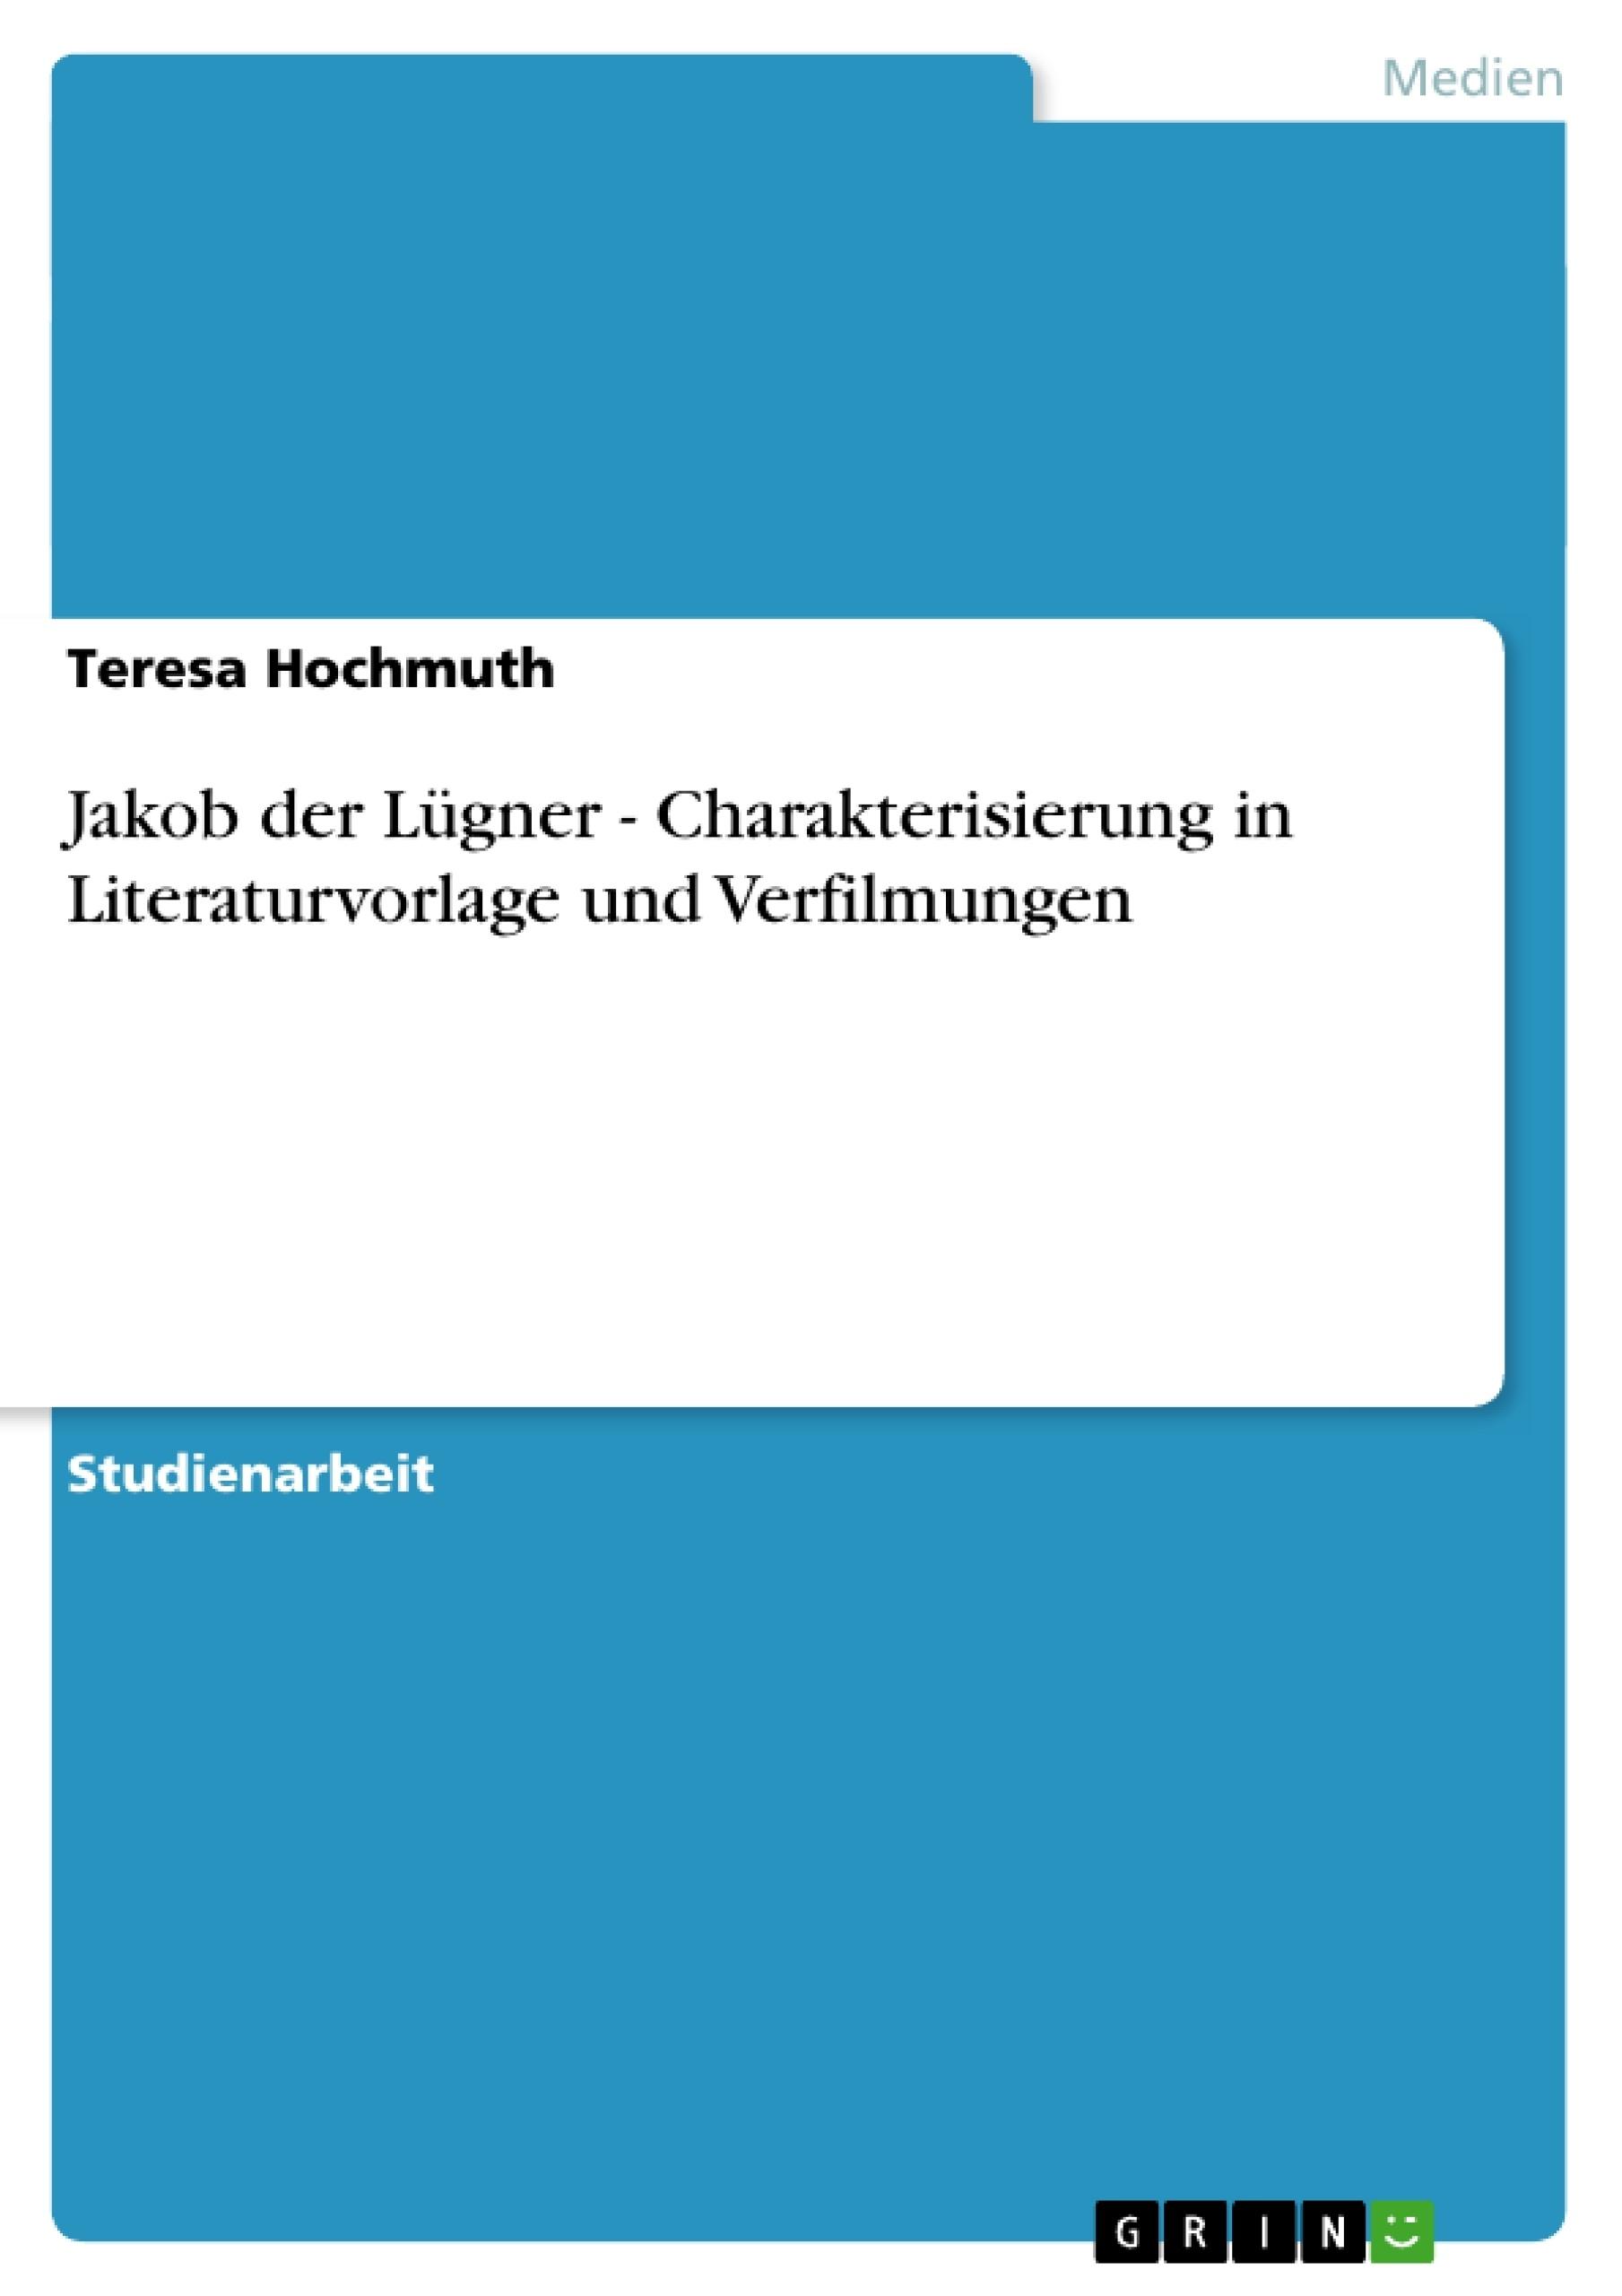 Titel: Jakob der Lügner - Charakterisierung in Literaturvorlage und Verfilmungen